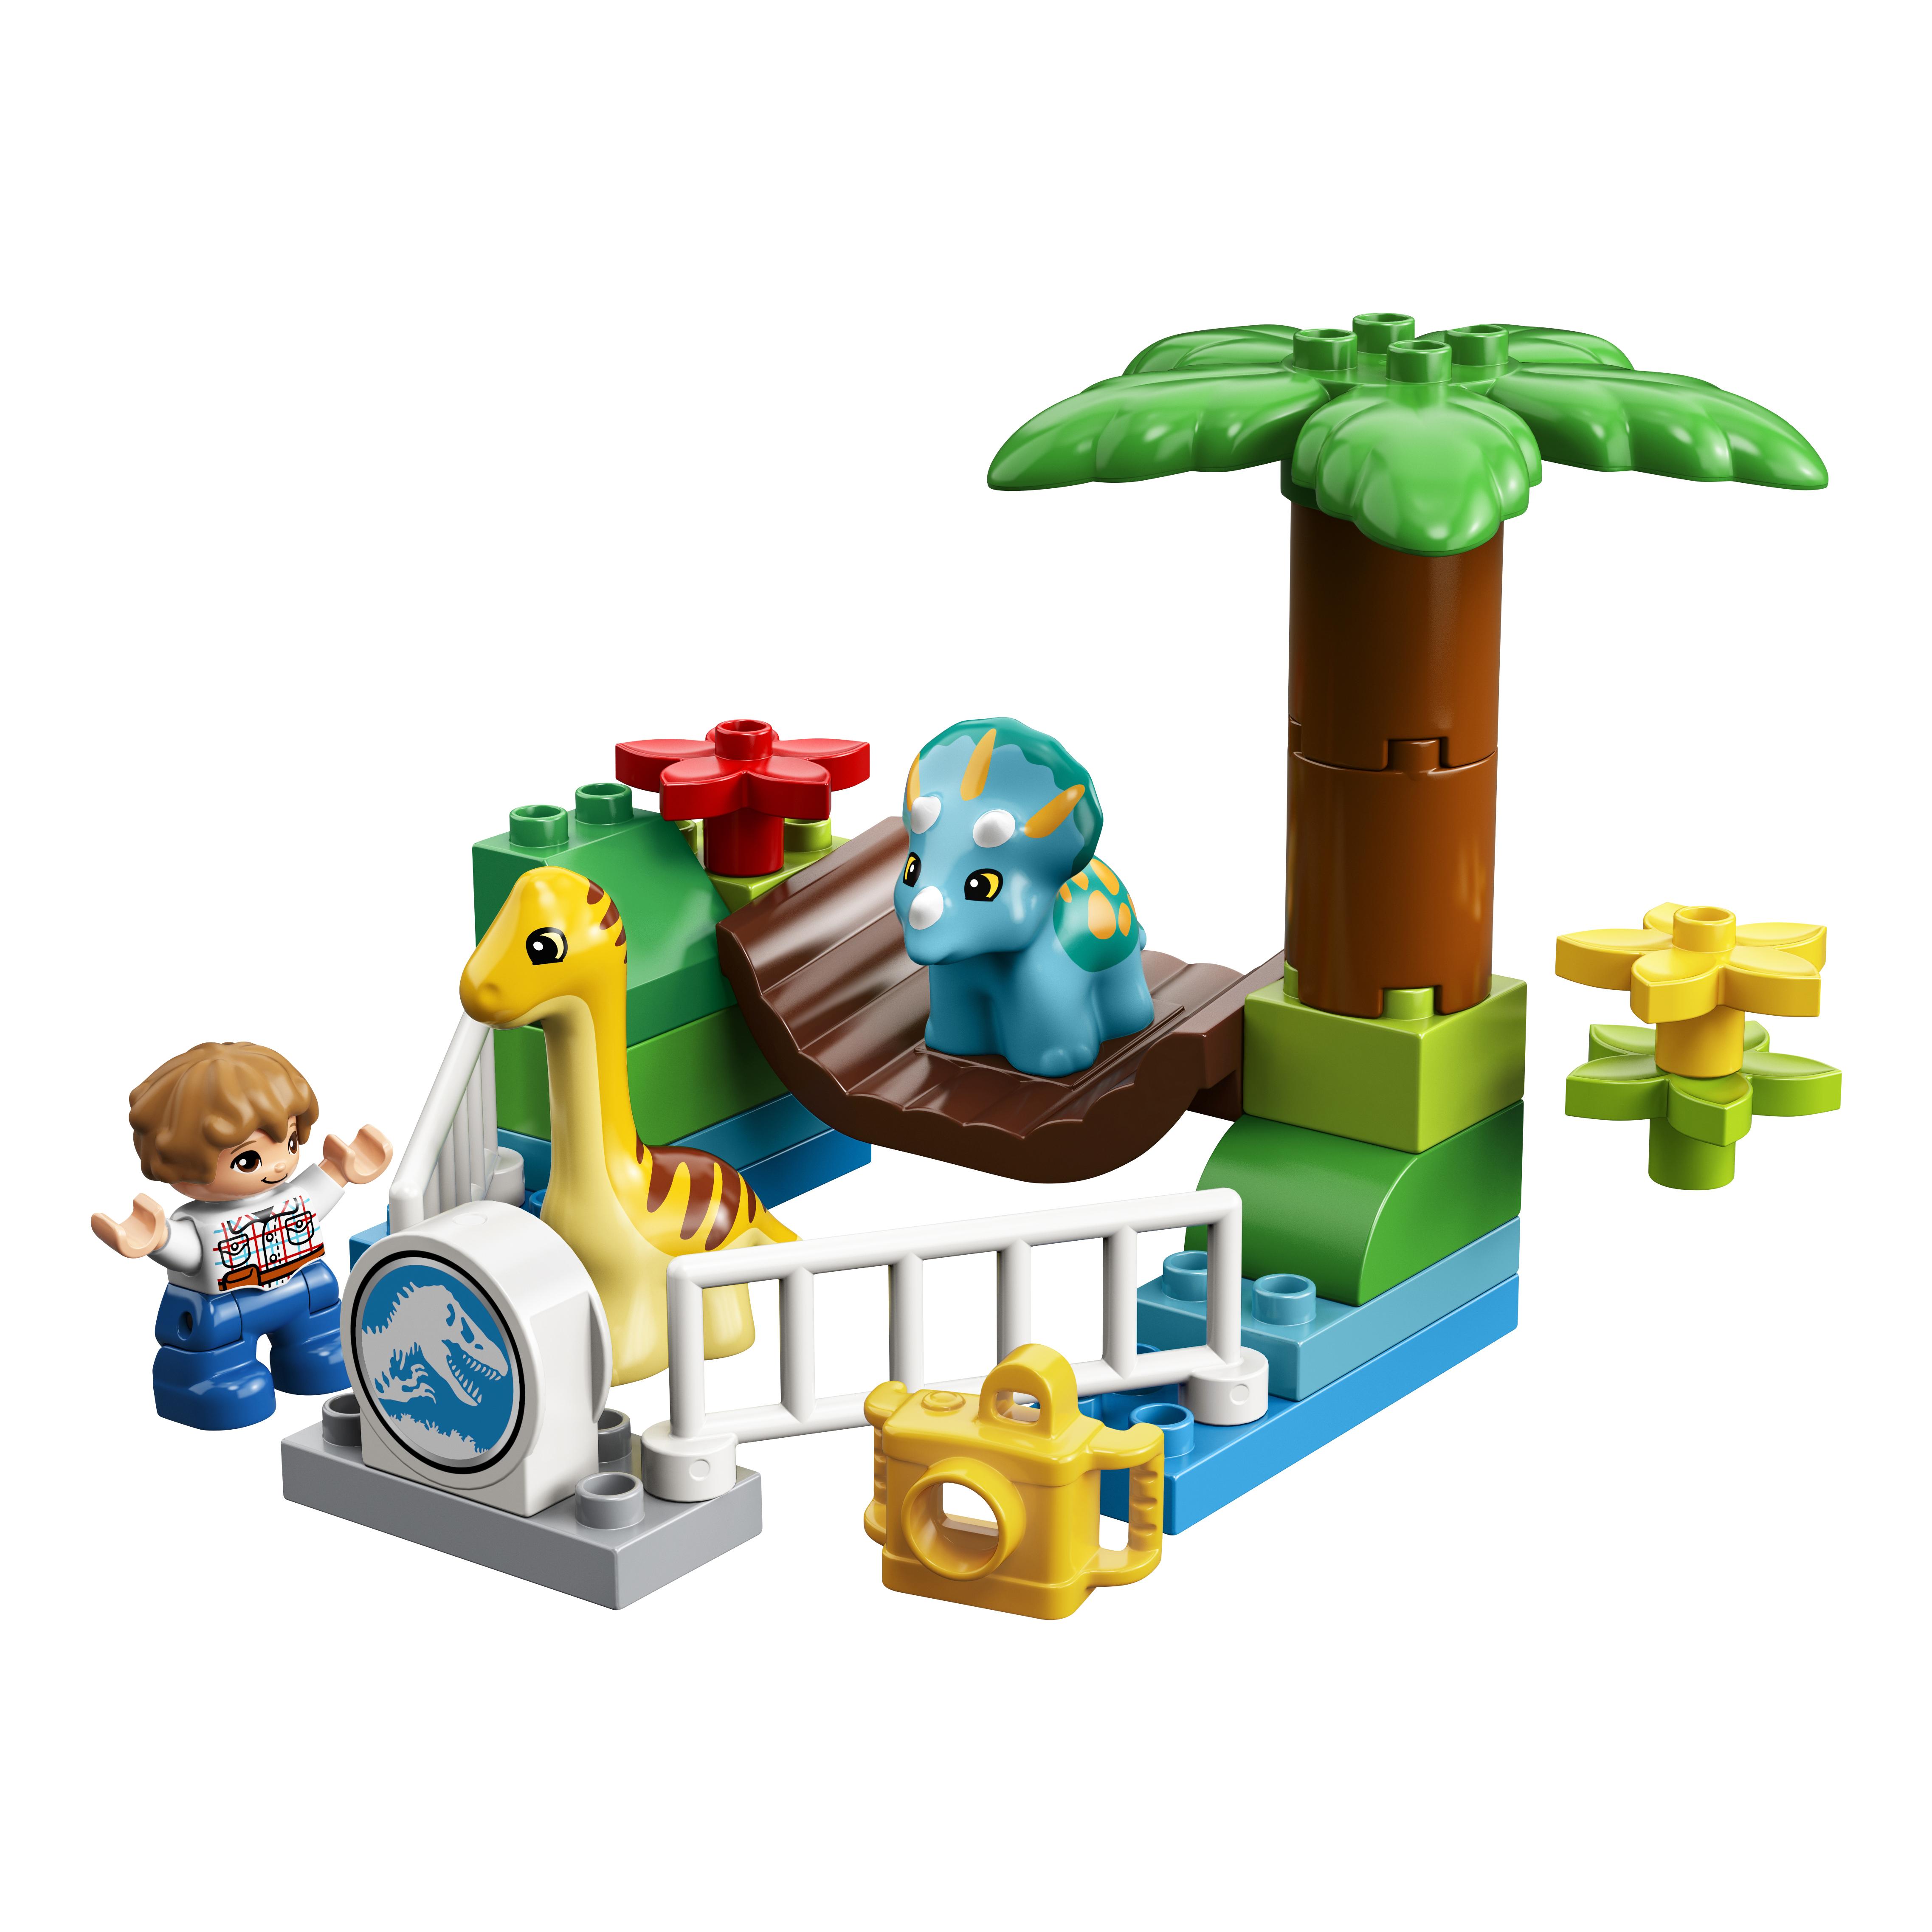 Купить Конструктор lego duplo jurassic world парк динозавров 10879, Конструктор LEGO Duplo Jurassic World Парк динозавров 10879